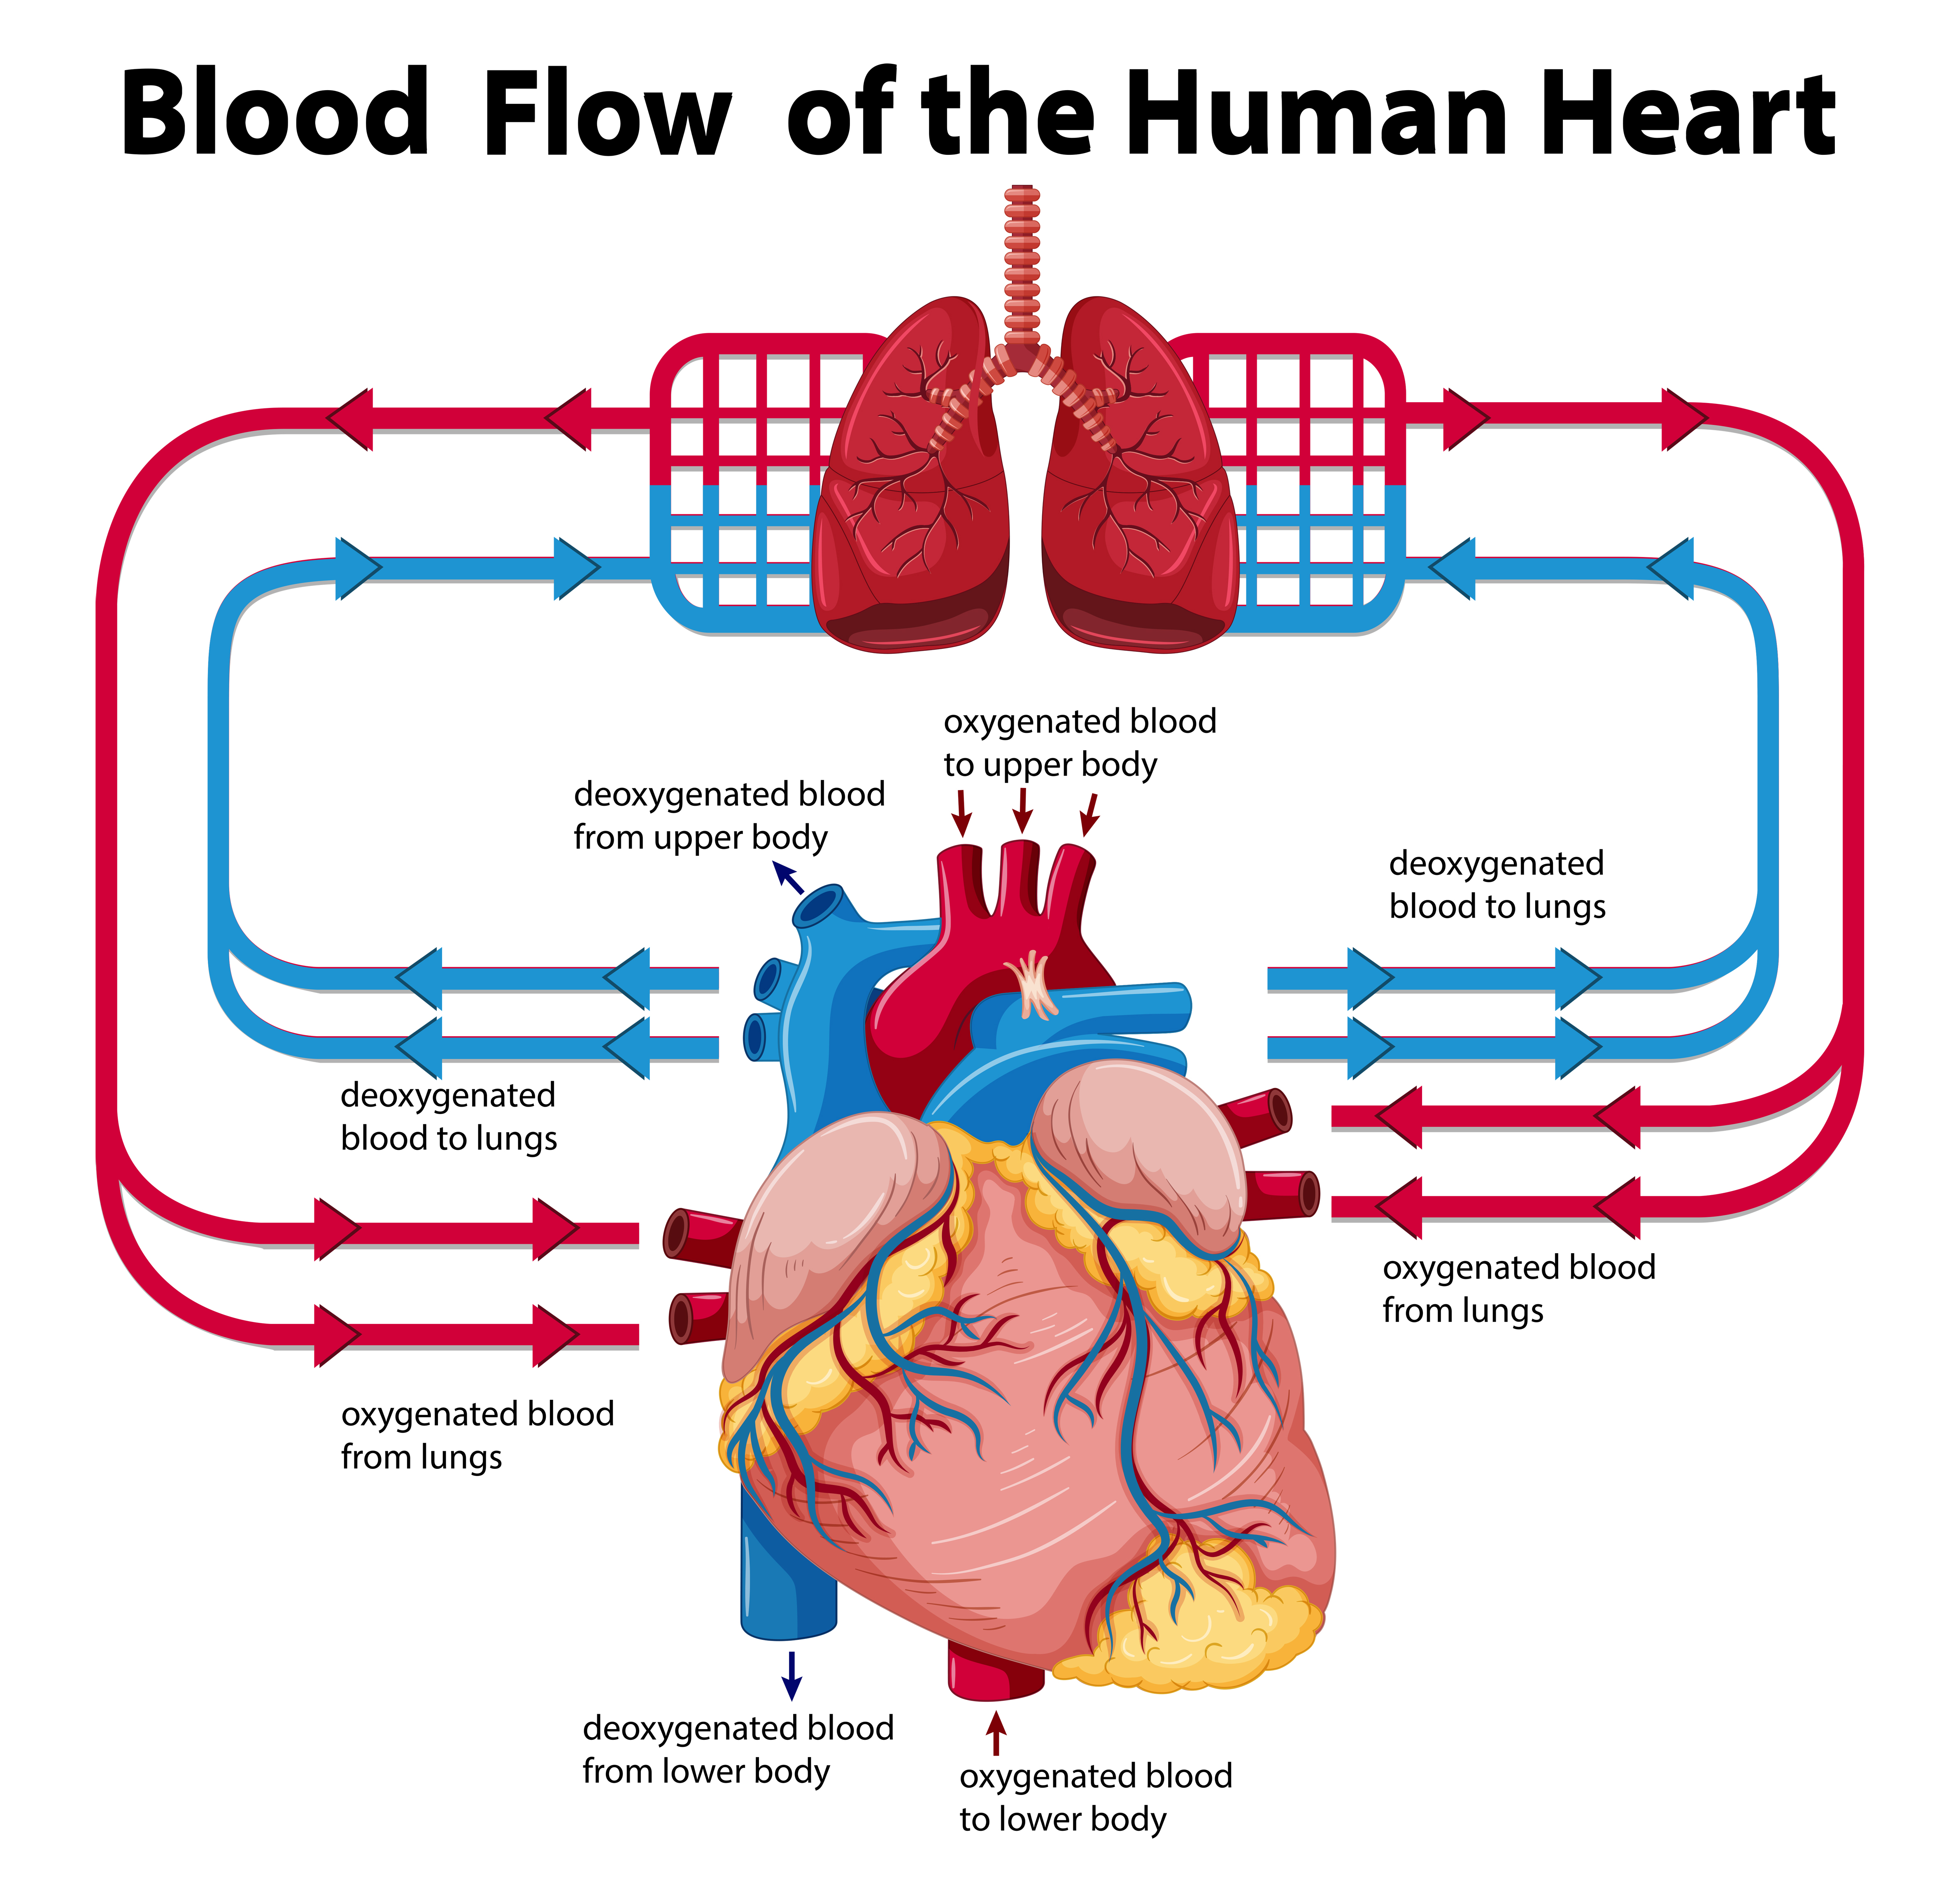 diagram showing blood flow of human heart - download free vectors, clipart  graphics & vector art  vecteezy